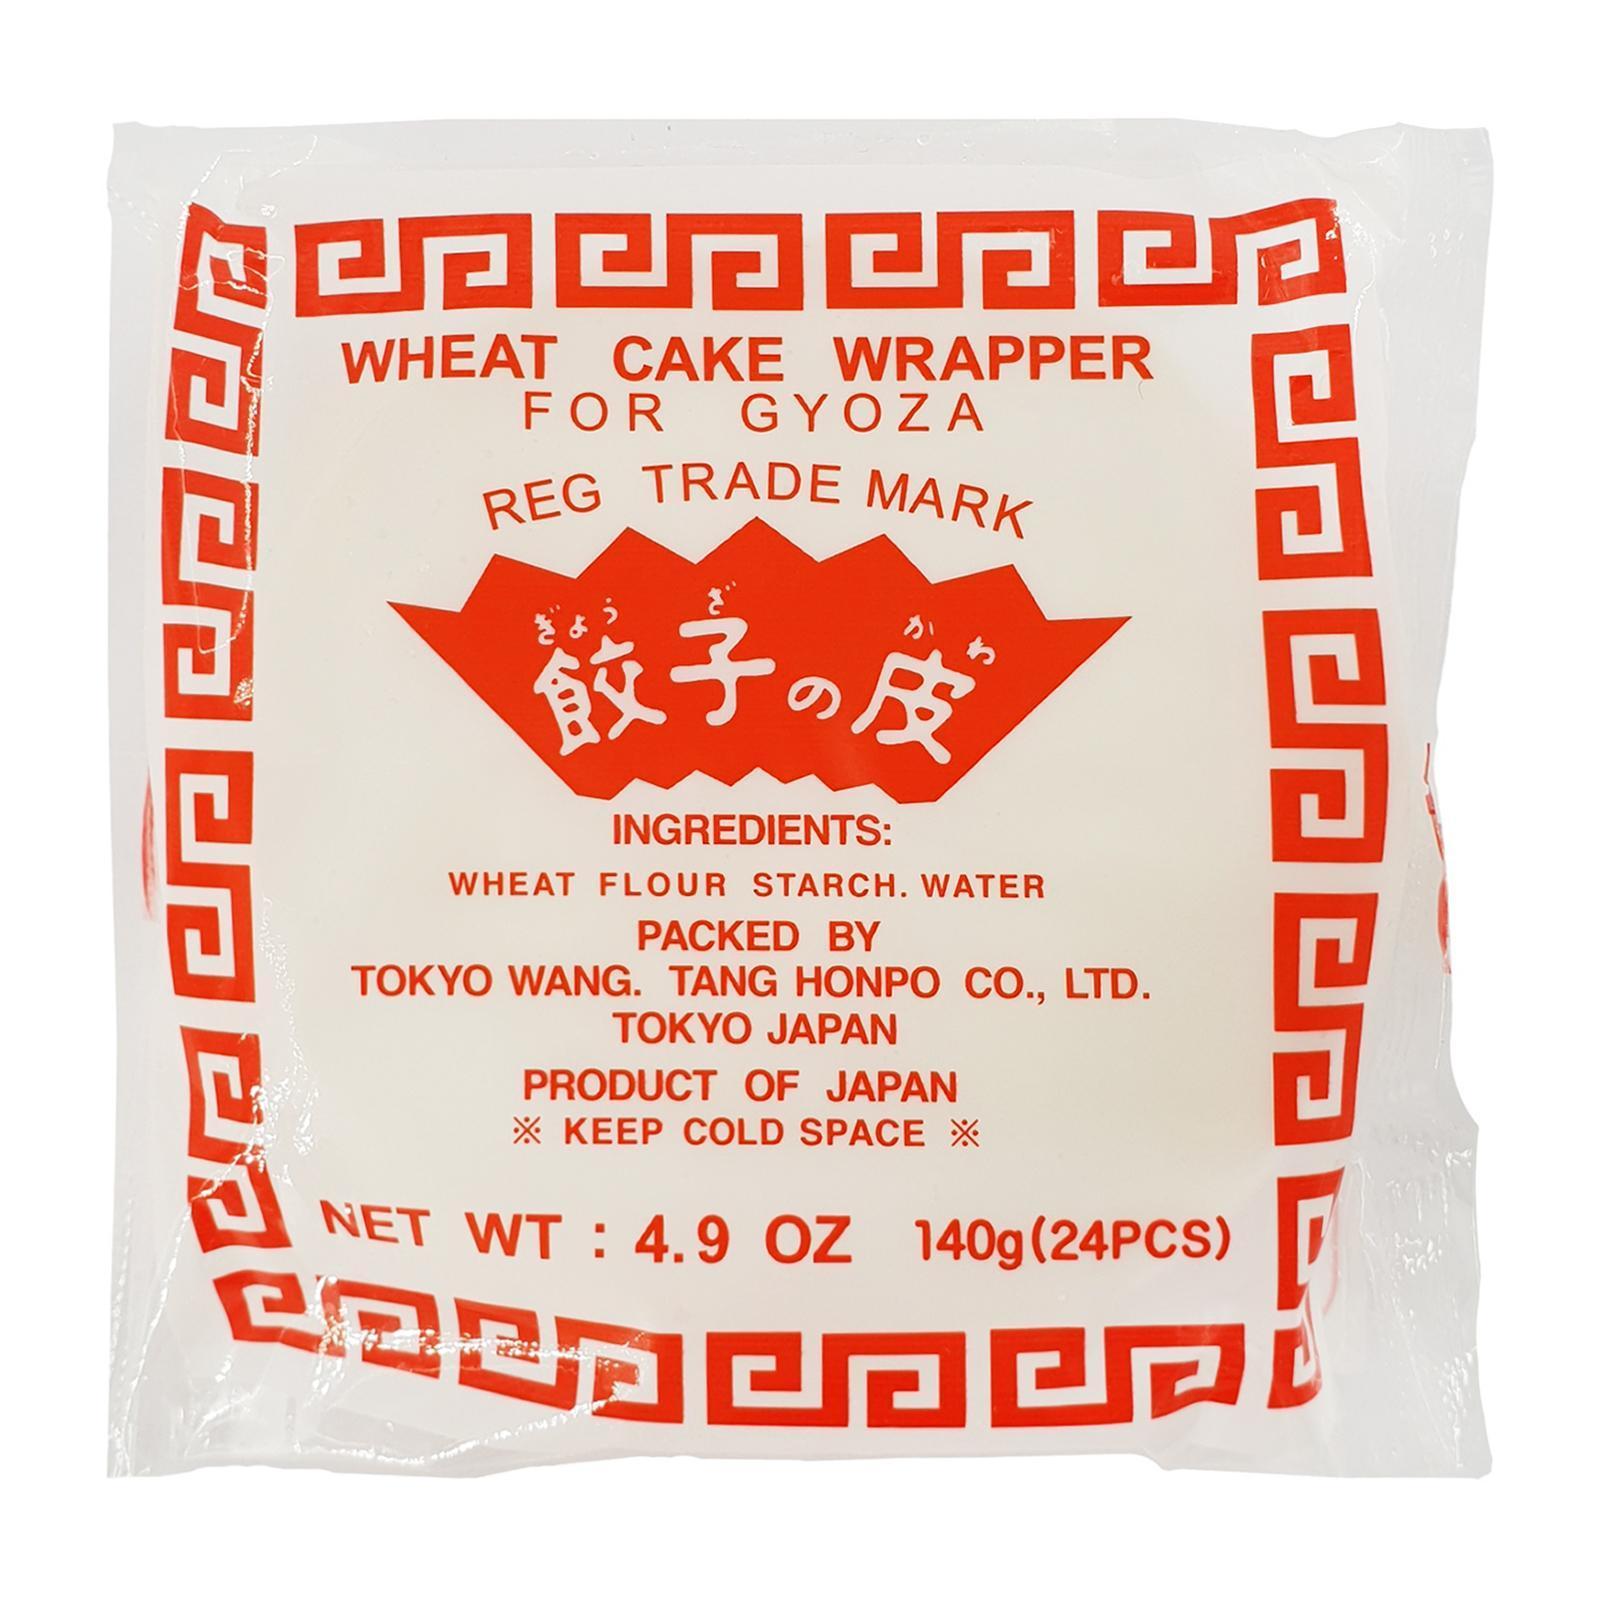 Tokyowantan Wheat Skin Wrap (M) - Gyoza Pan Fried Dumpling 24pcs - Frozen